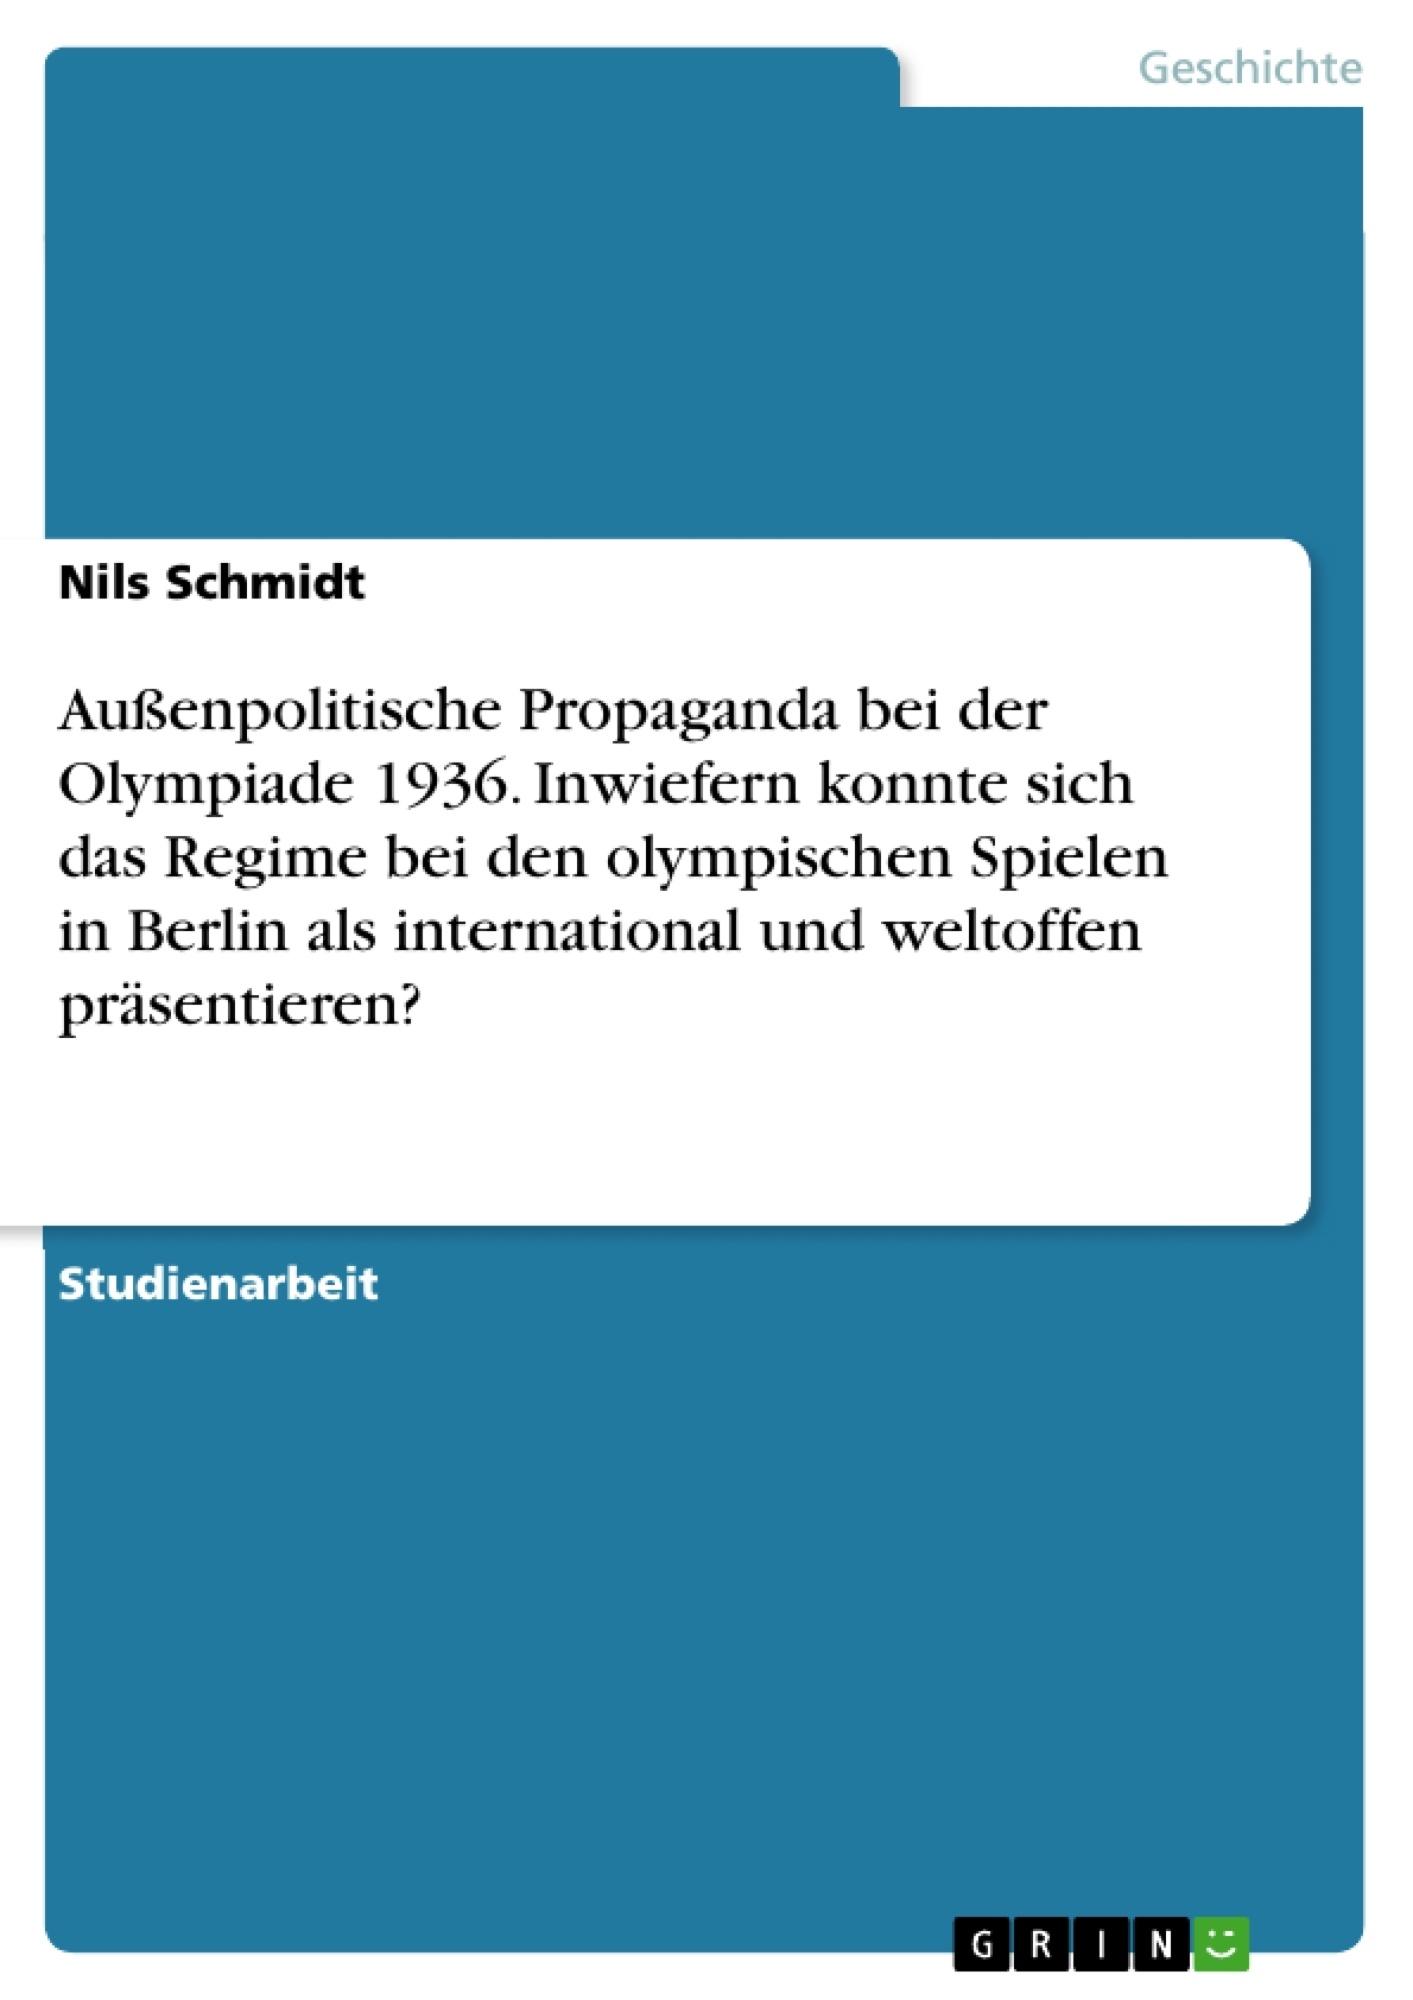 Titel: Außenpolitische Propaganda bei der Olympiade 1936. Inwiefern konnte sich das Regime bei den olympischen Spielen in Berlin als international und weltoffen präsentieren?